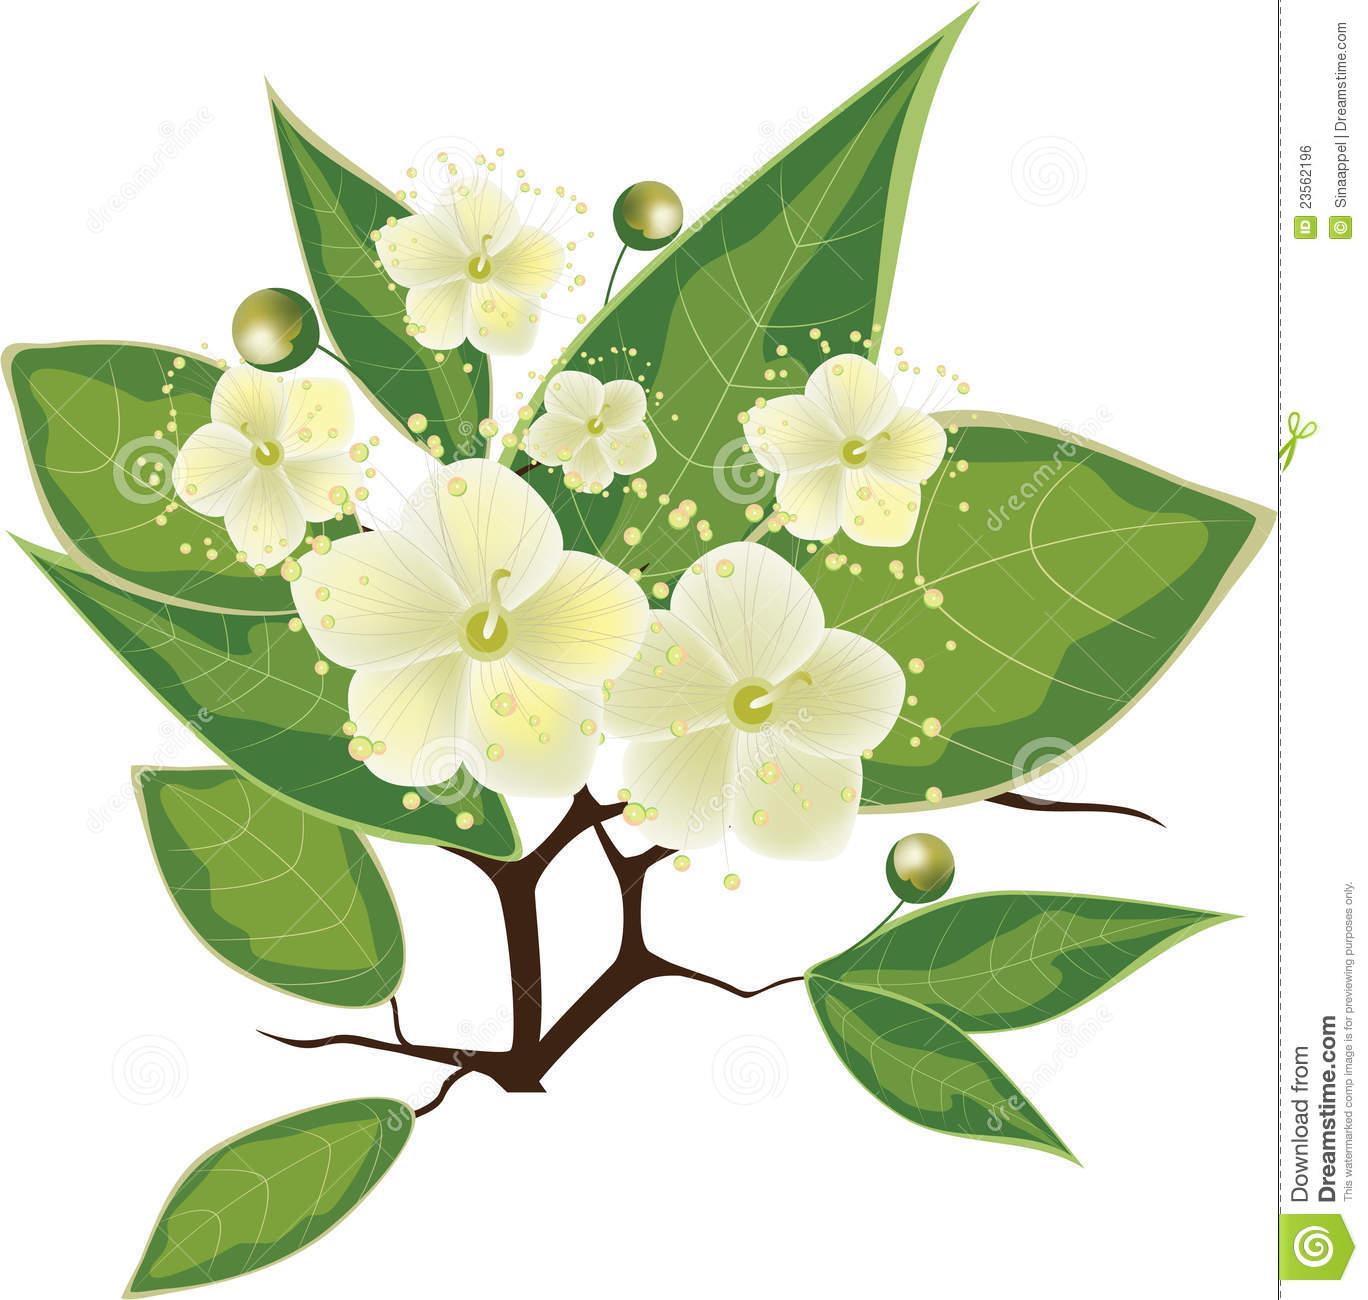 filiale-di-fioritura-del-mirto-illustrazione-di-vettore-23562196